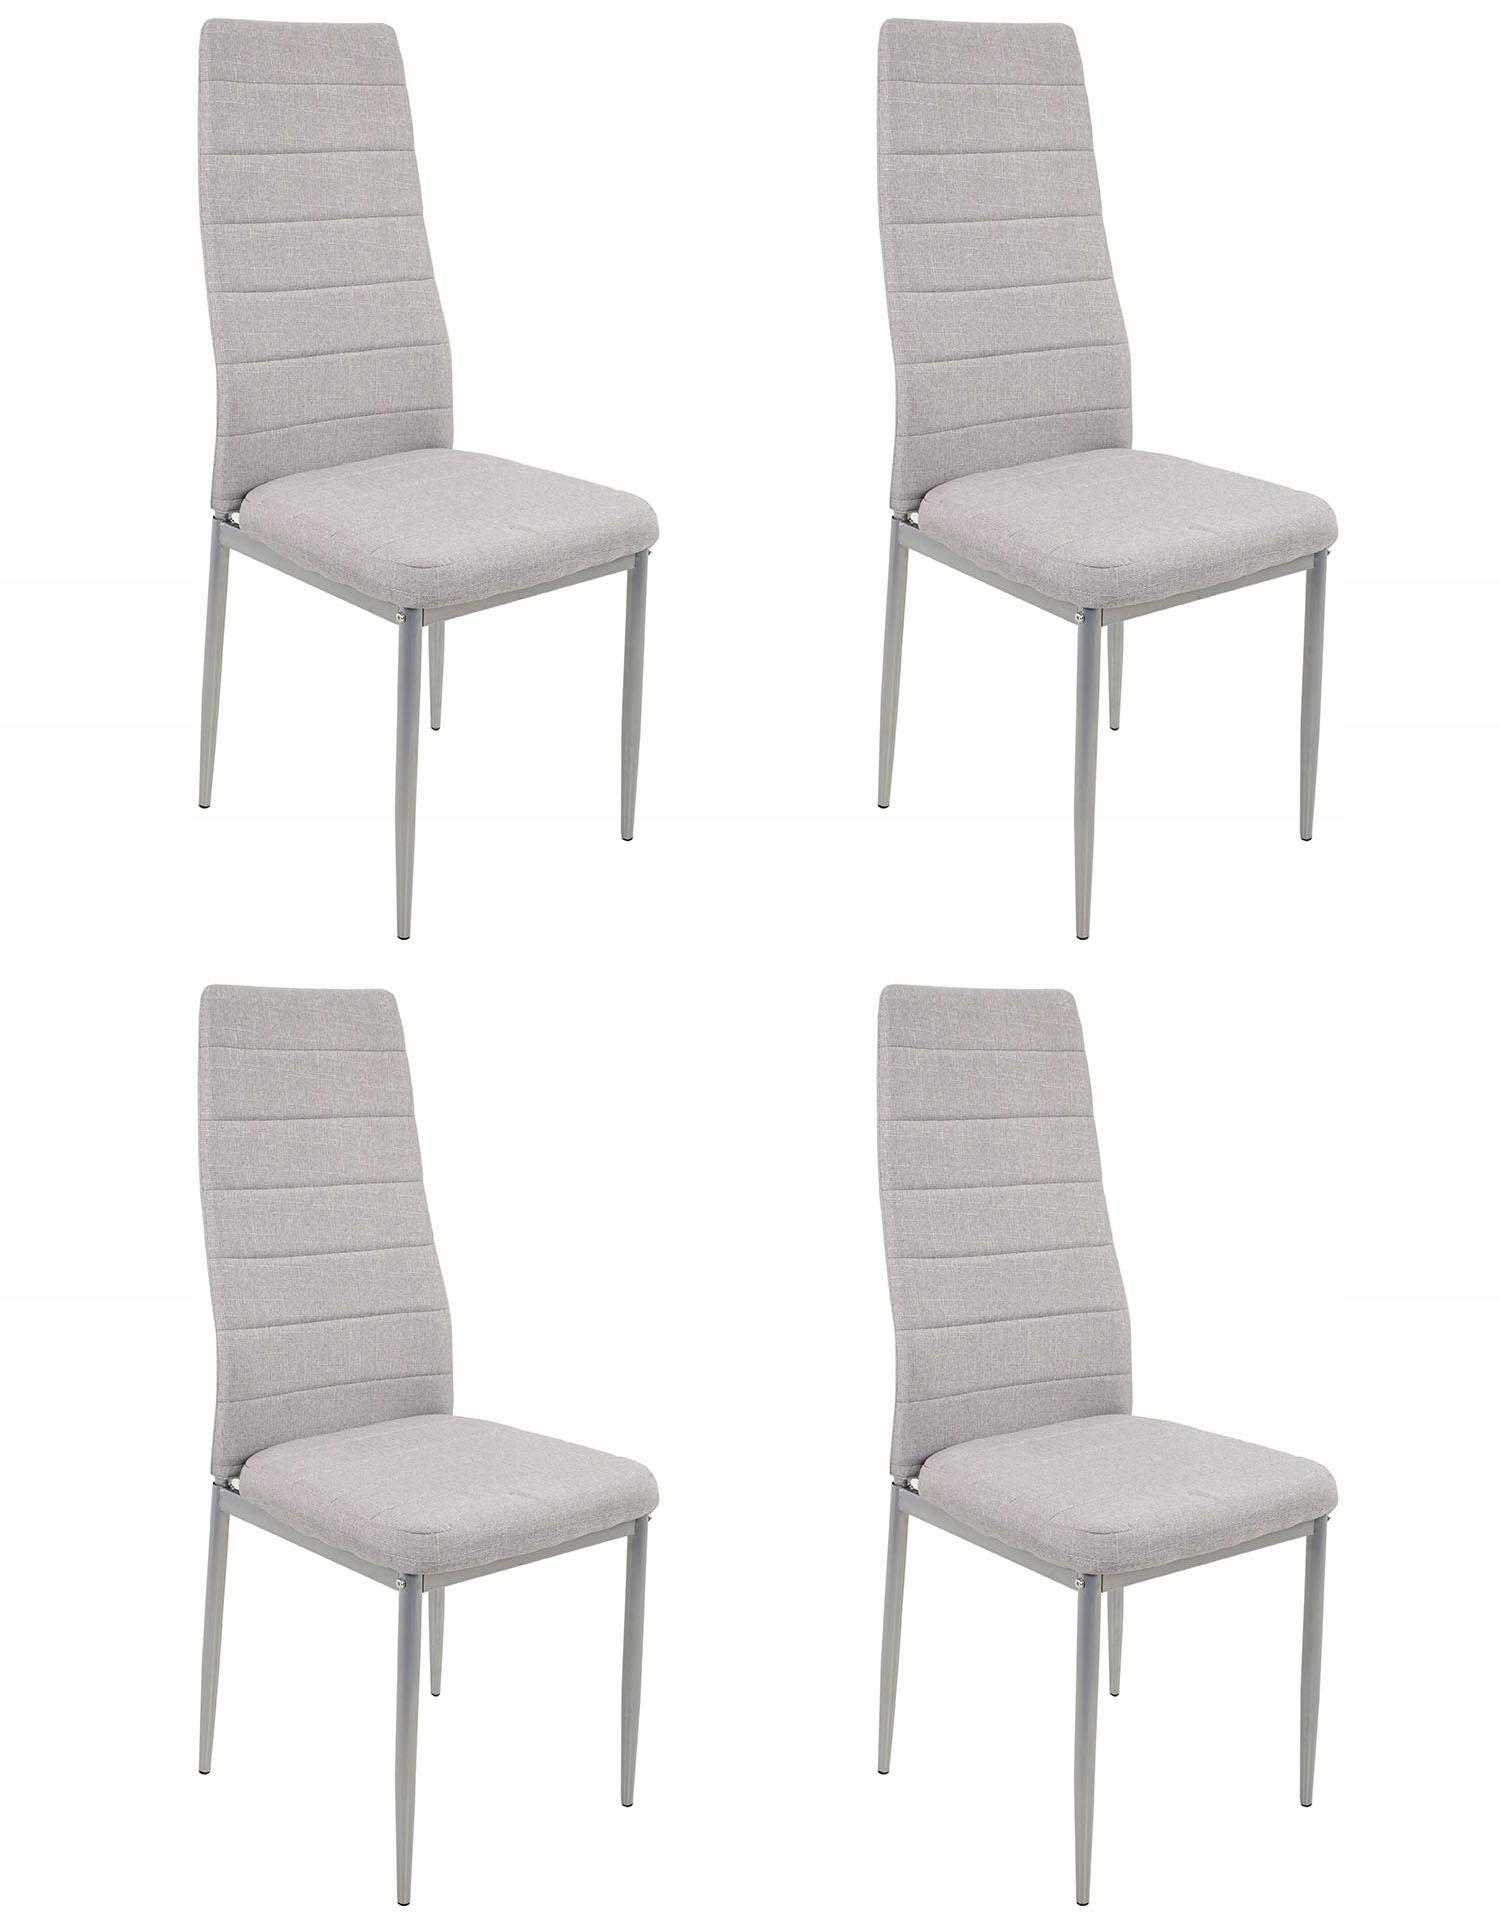 4 stoličky TEXTÍLIE, ŠEDÁ v kuchyni, priemyselné Záležitosti